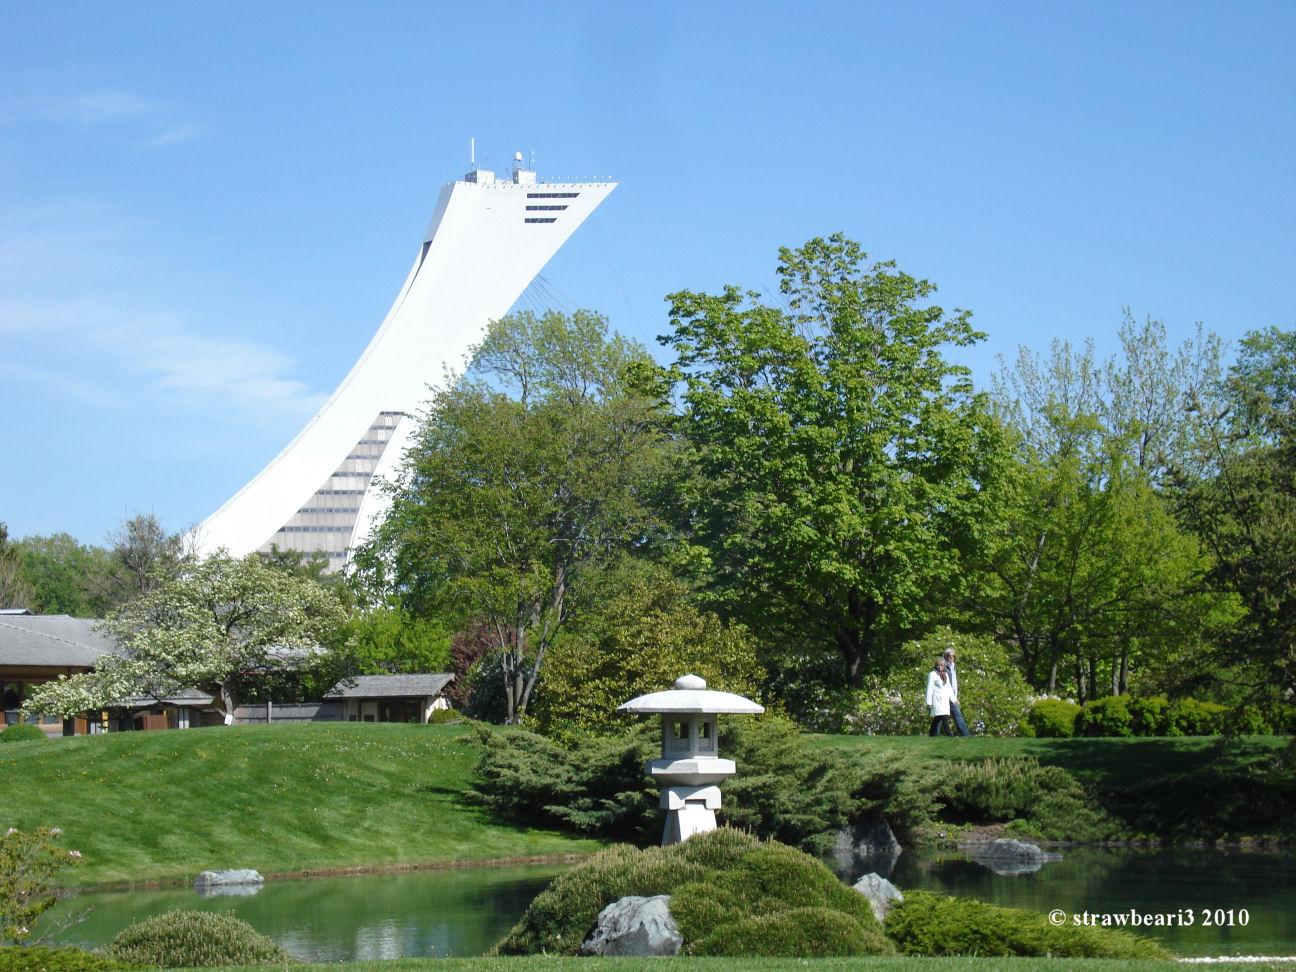 Montr al botanical garden jardin botanique de montr al for Biodome insectarium jardin botanique